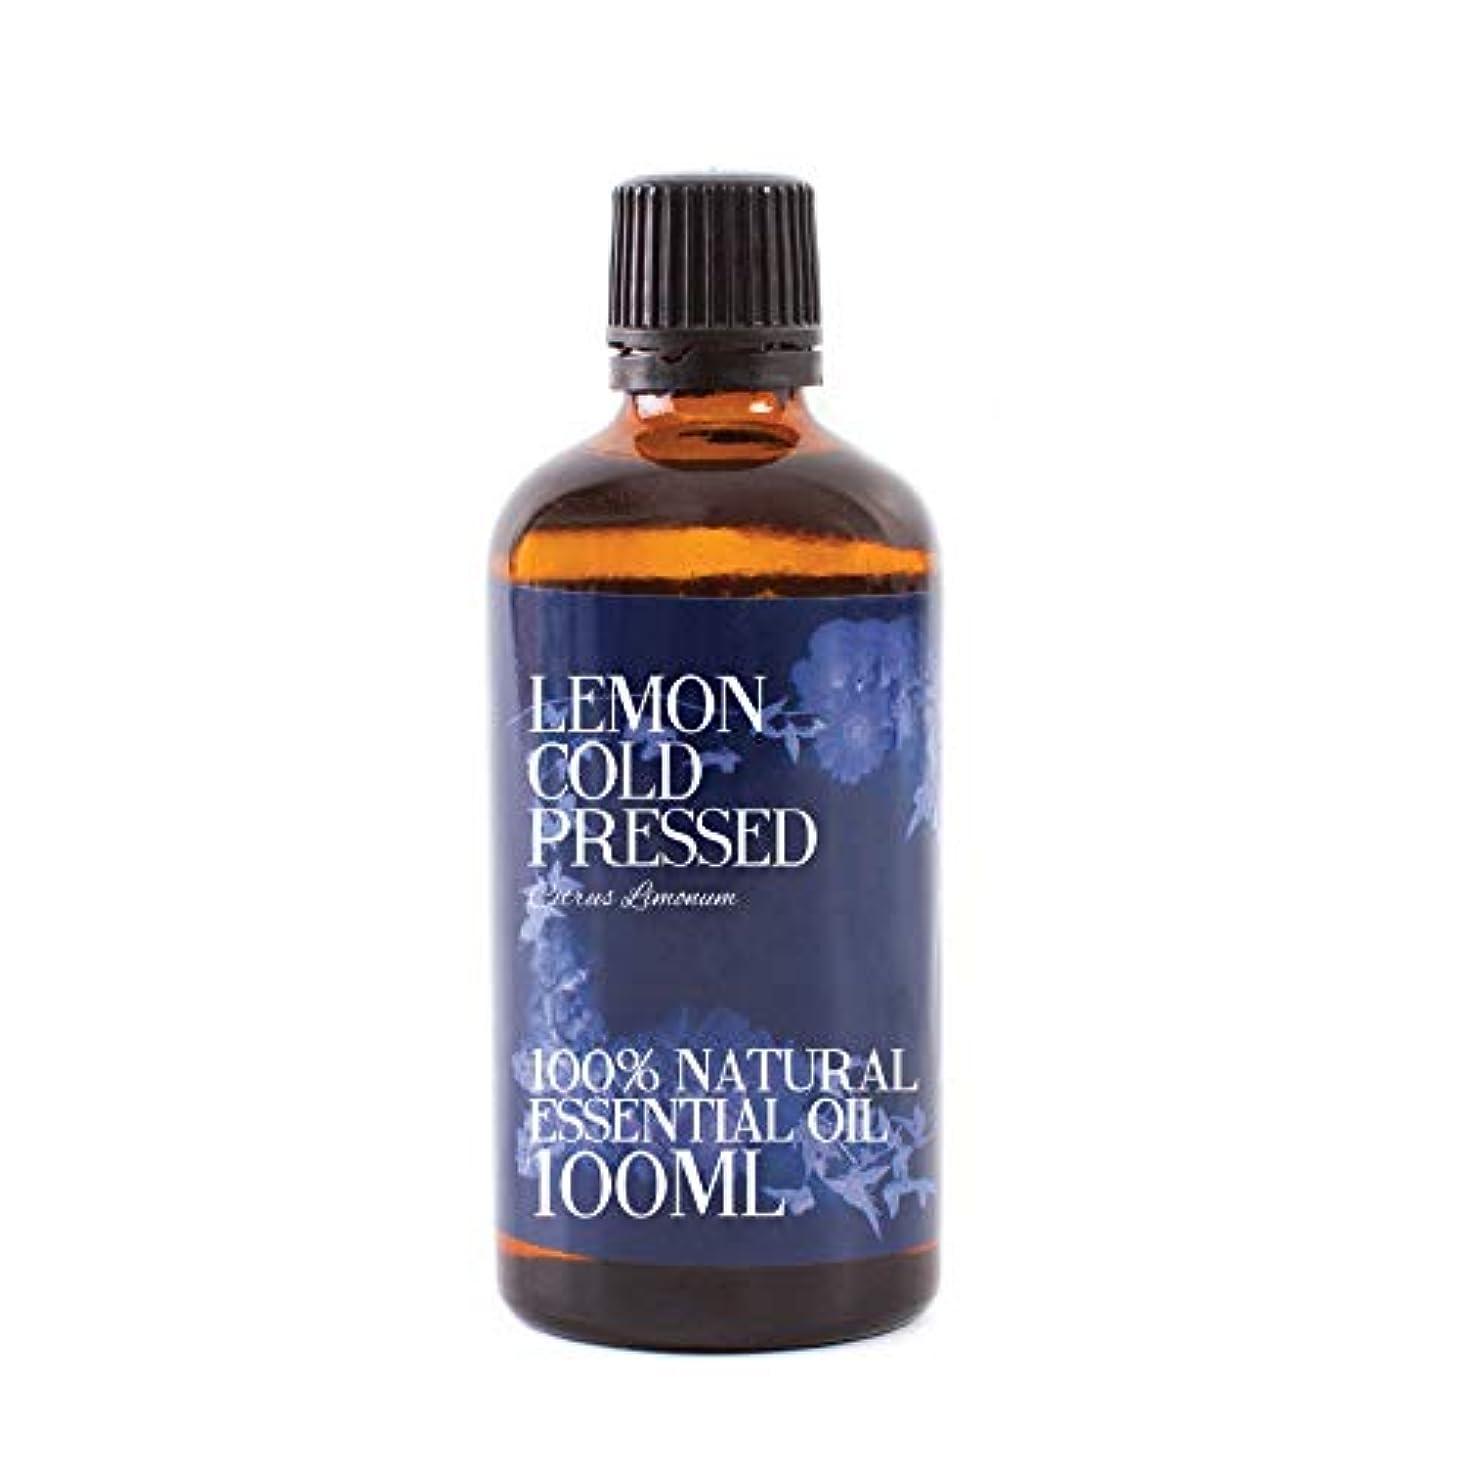 ウミウシ振り子ネストMystic Moments | Lemon Cold Pressed Essential Oil - 100ml - 100% Natural